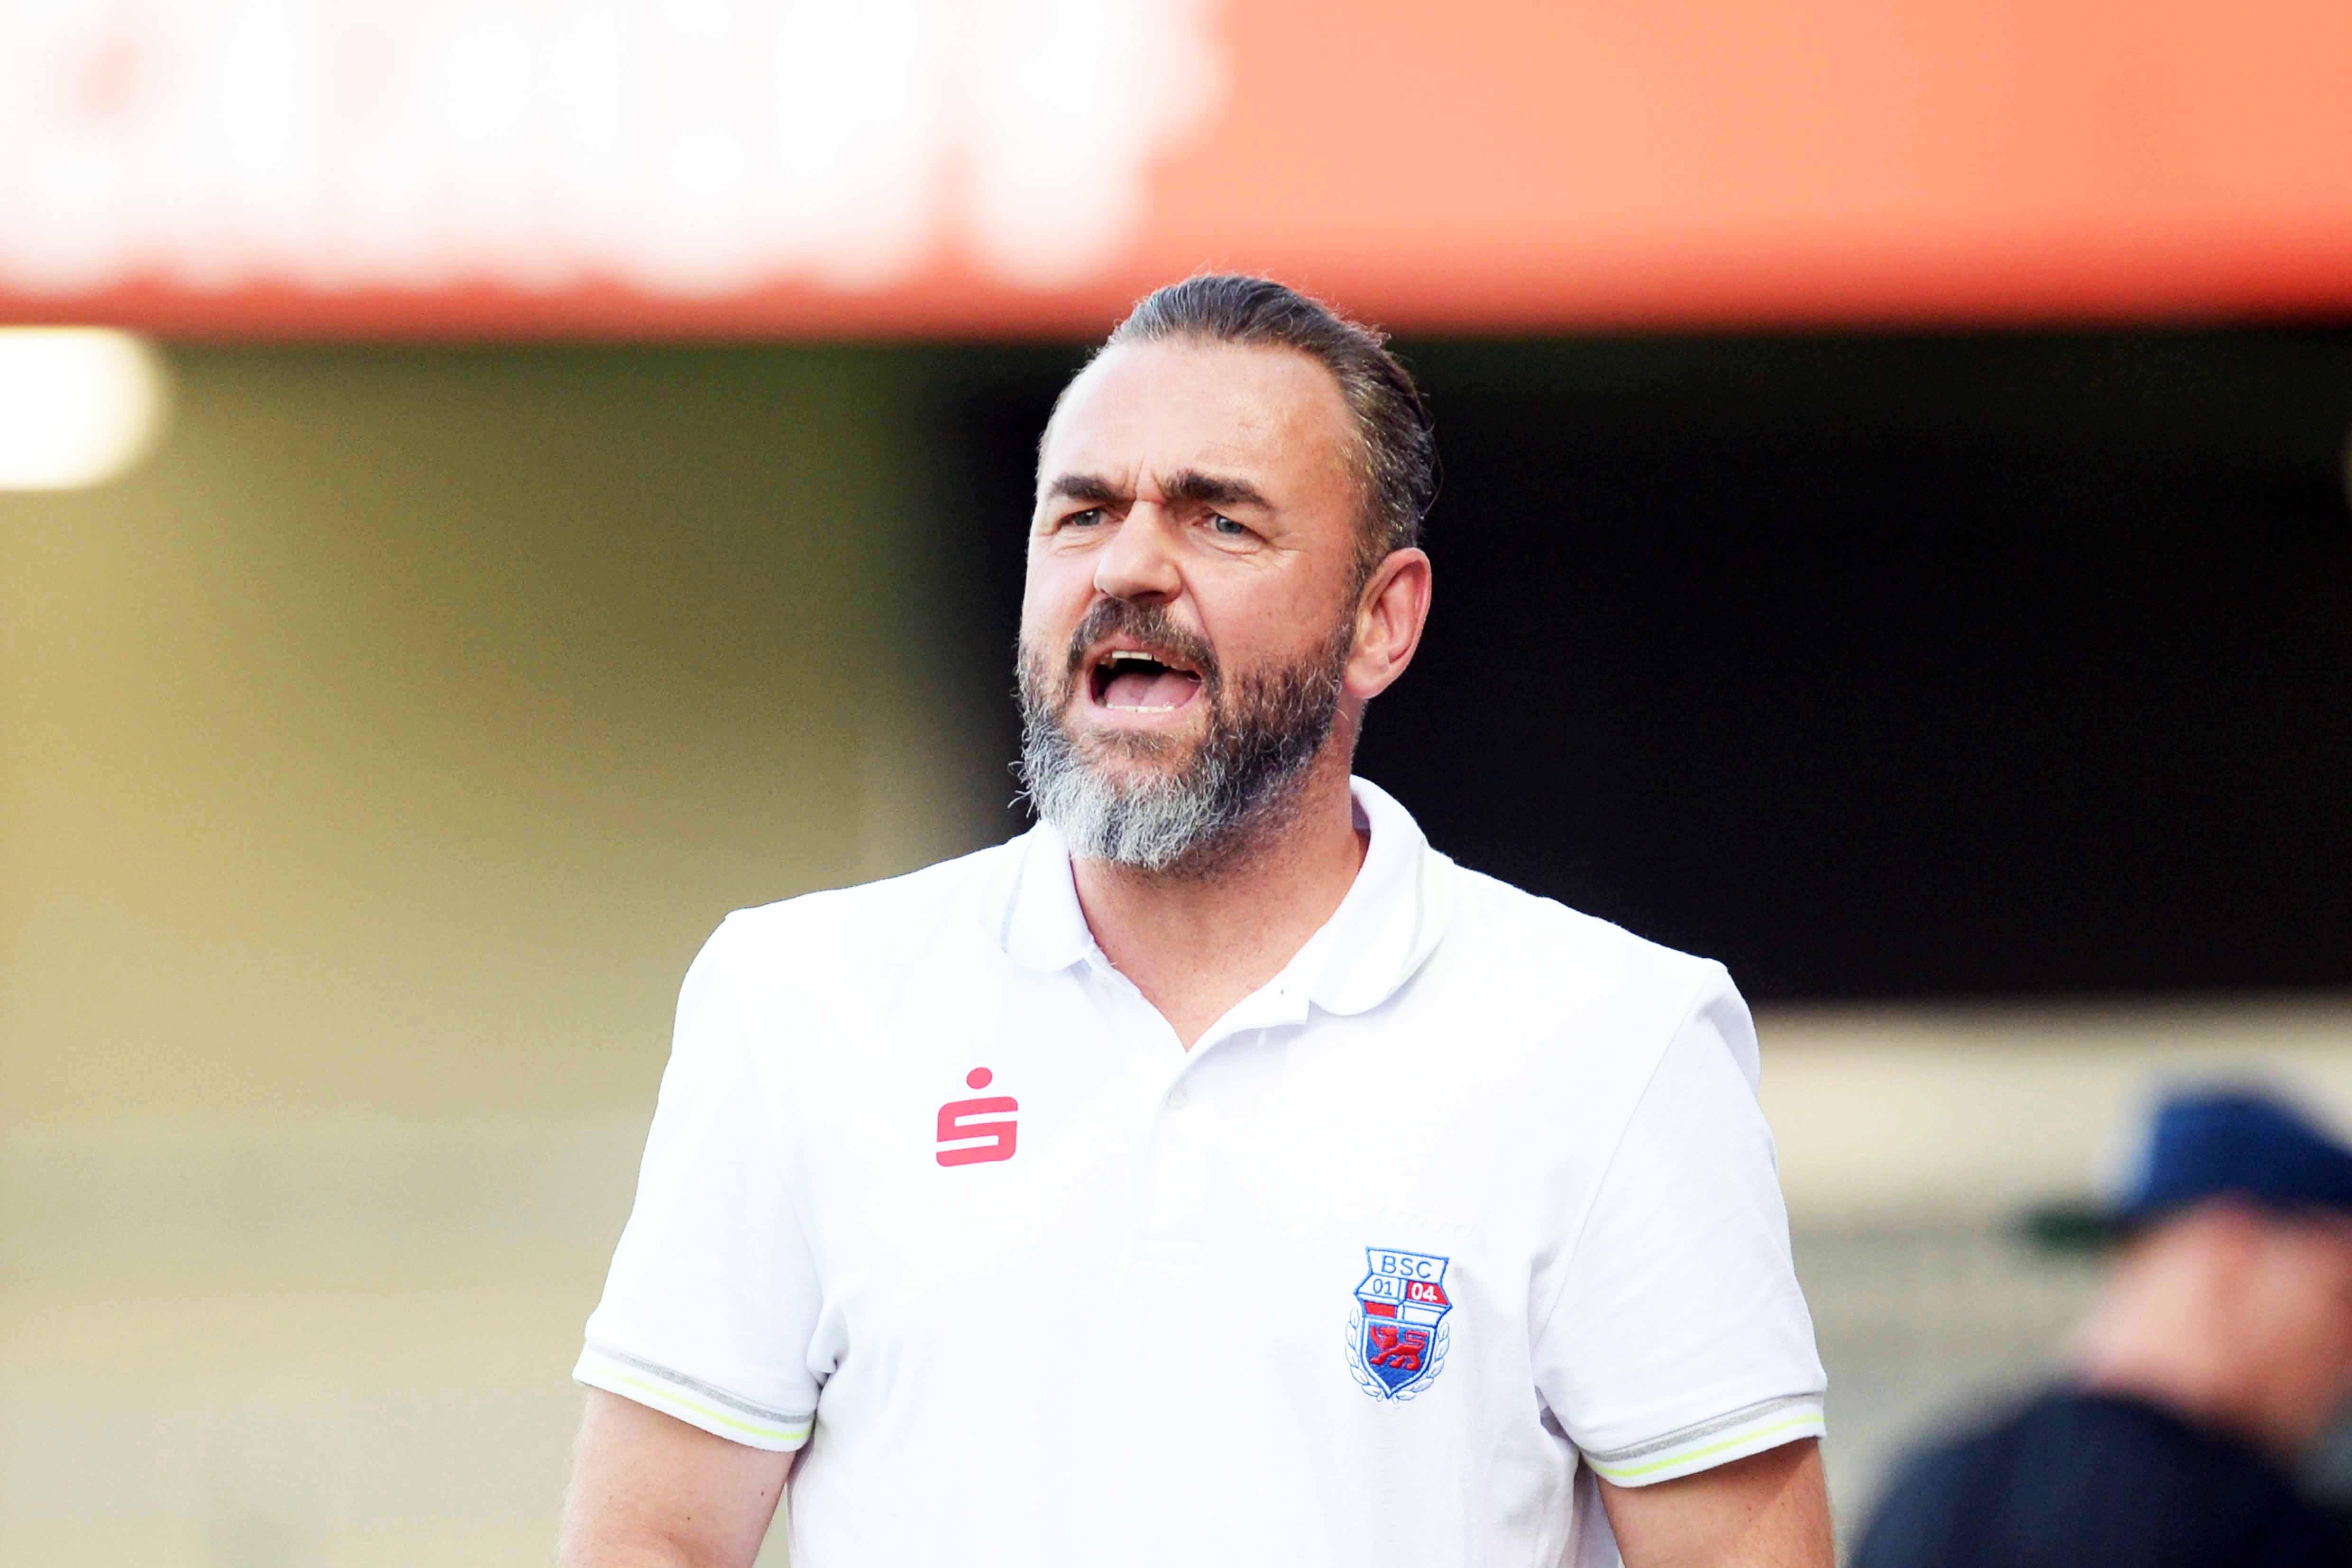 Thorsten Nehrbauer ist seit dieser Saison Trainer beim Bonner SC.